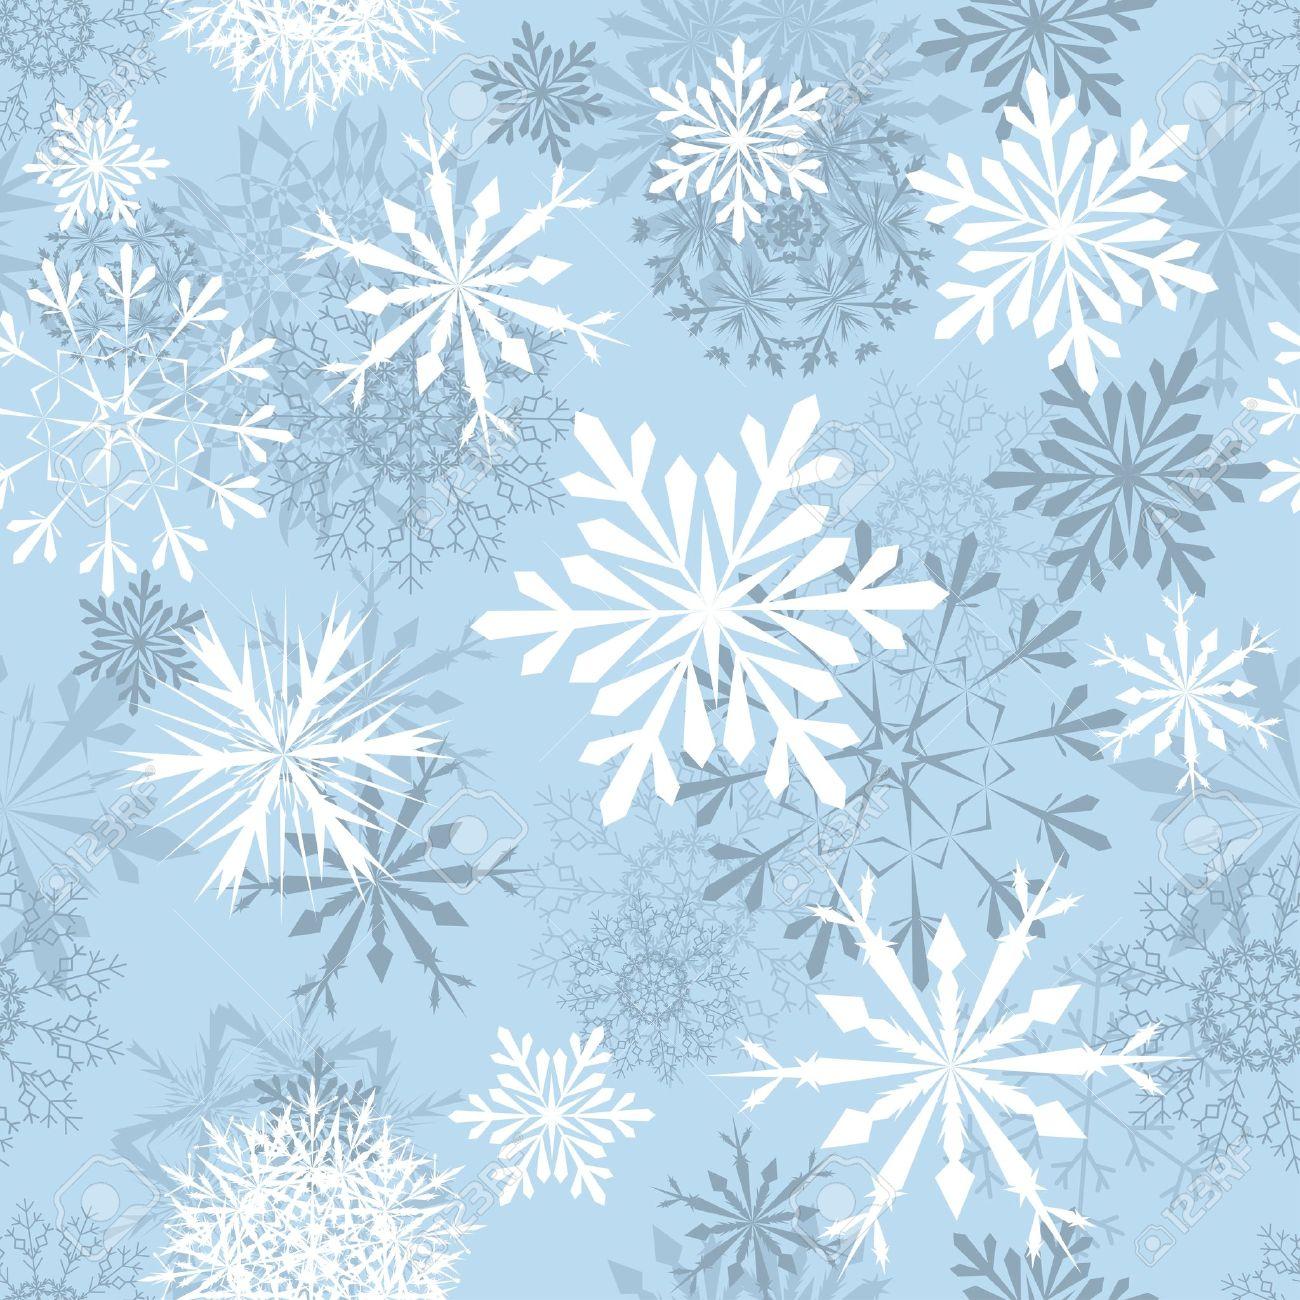 Nahtlose Schneeflocken Hintergrund Für Winter-und Weihnachts-Thema ...